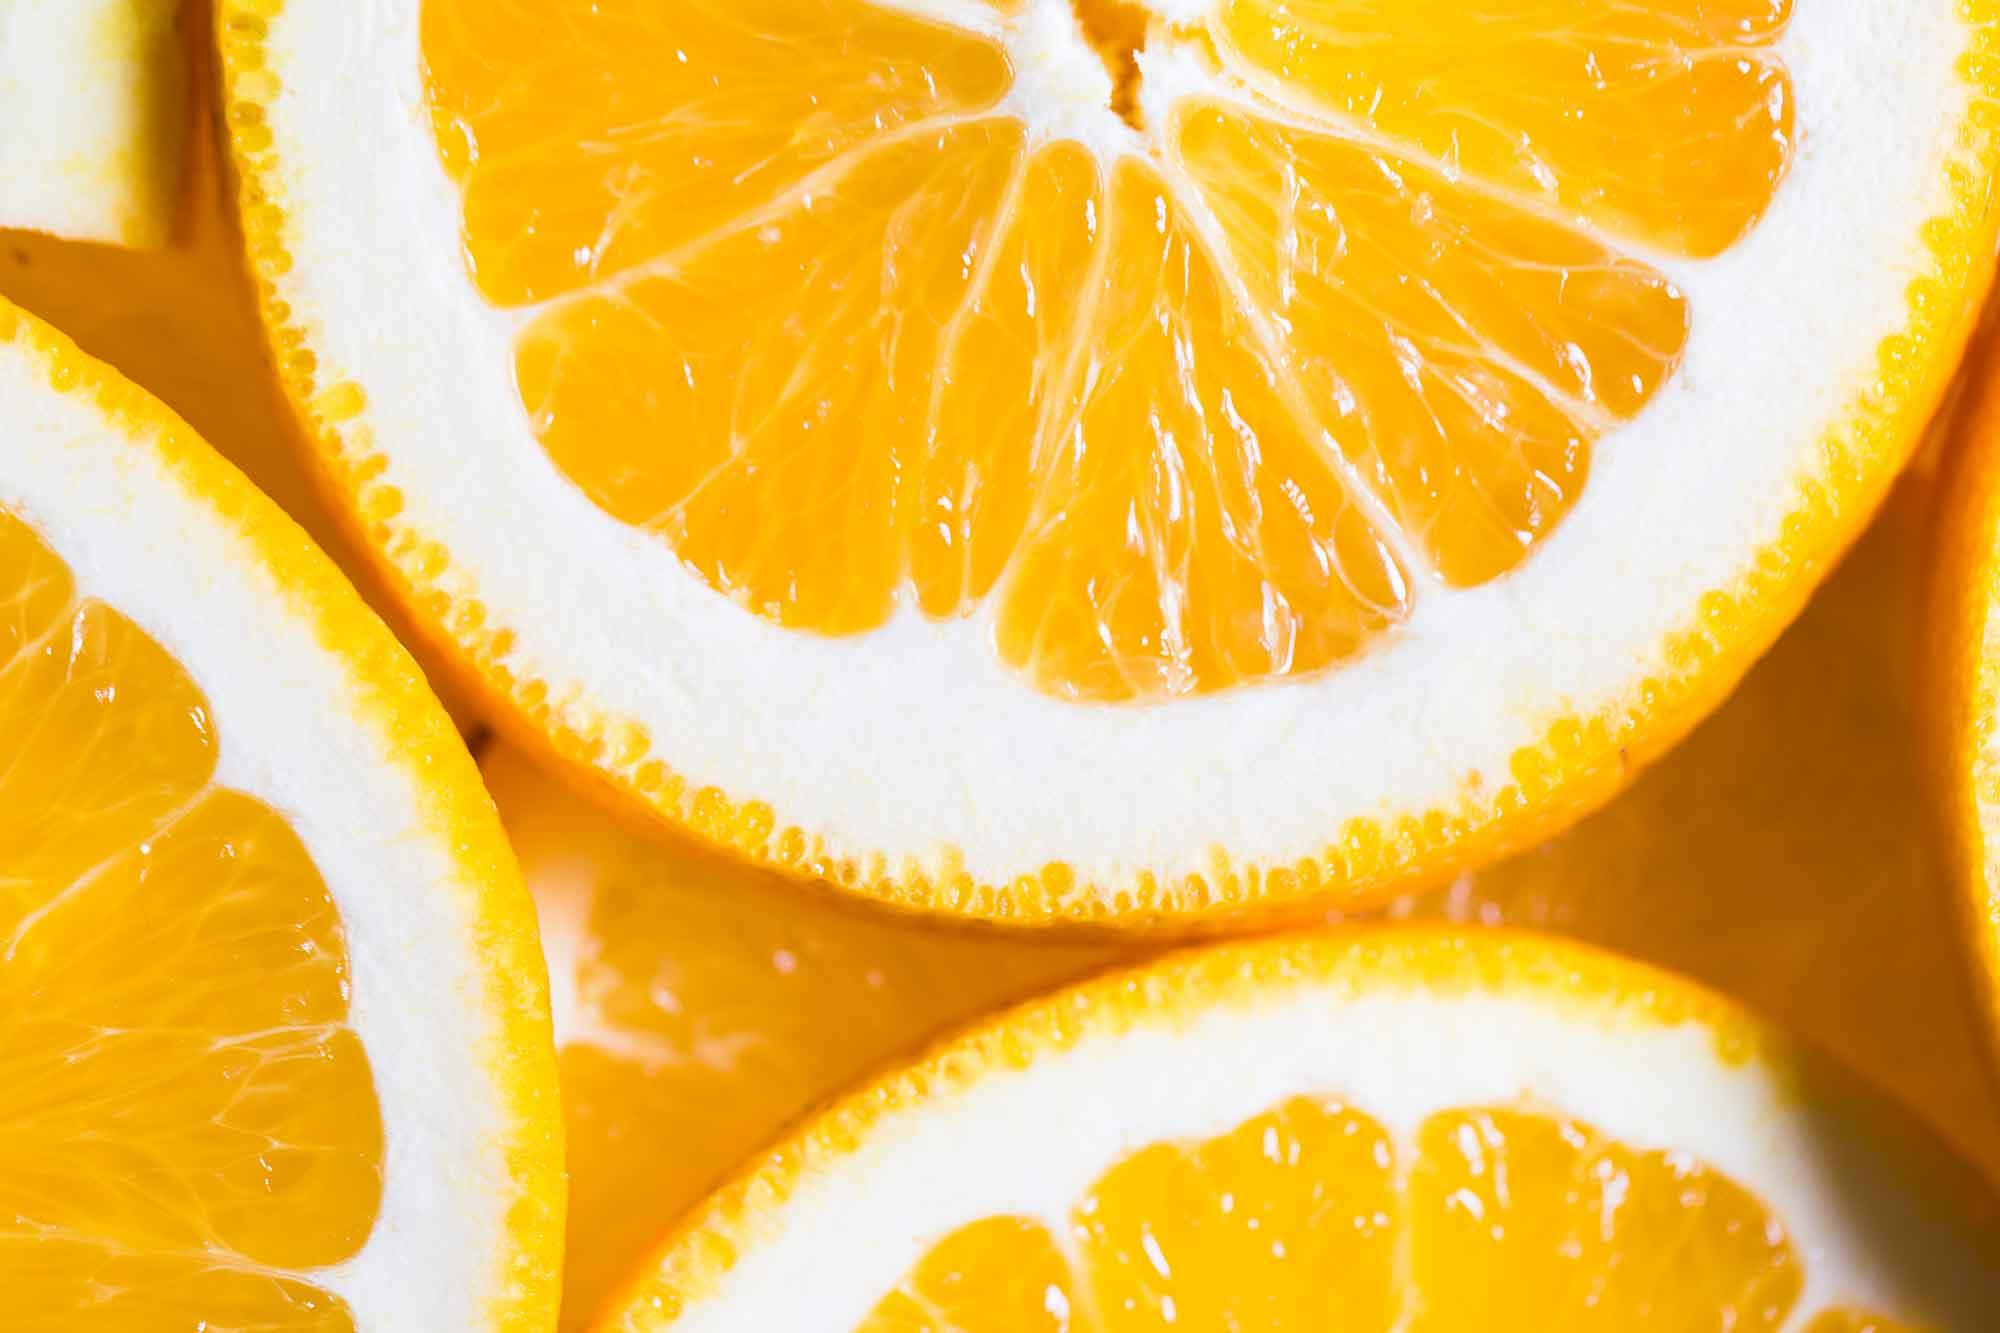 Mitos y verdades el Zumo de Naranja natural recién cogida.